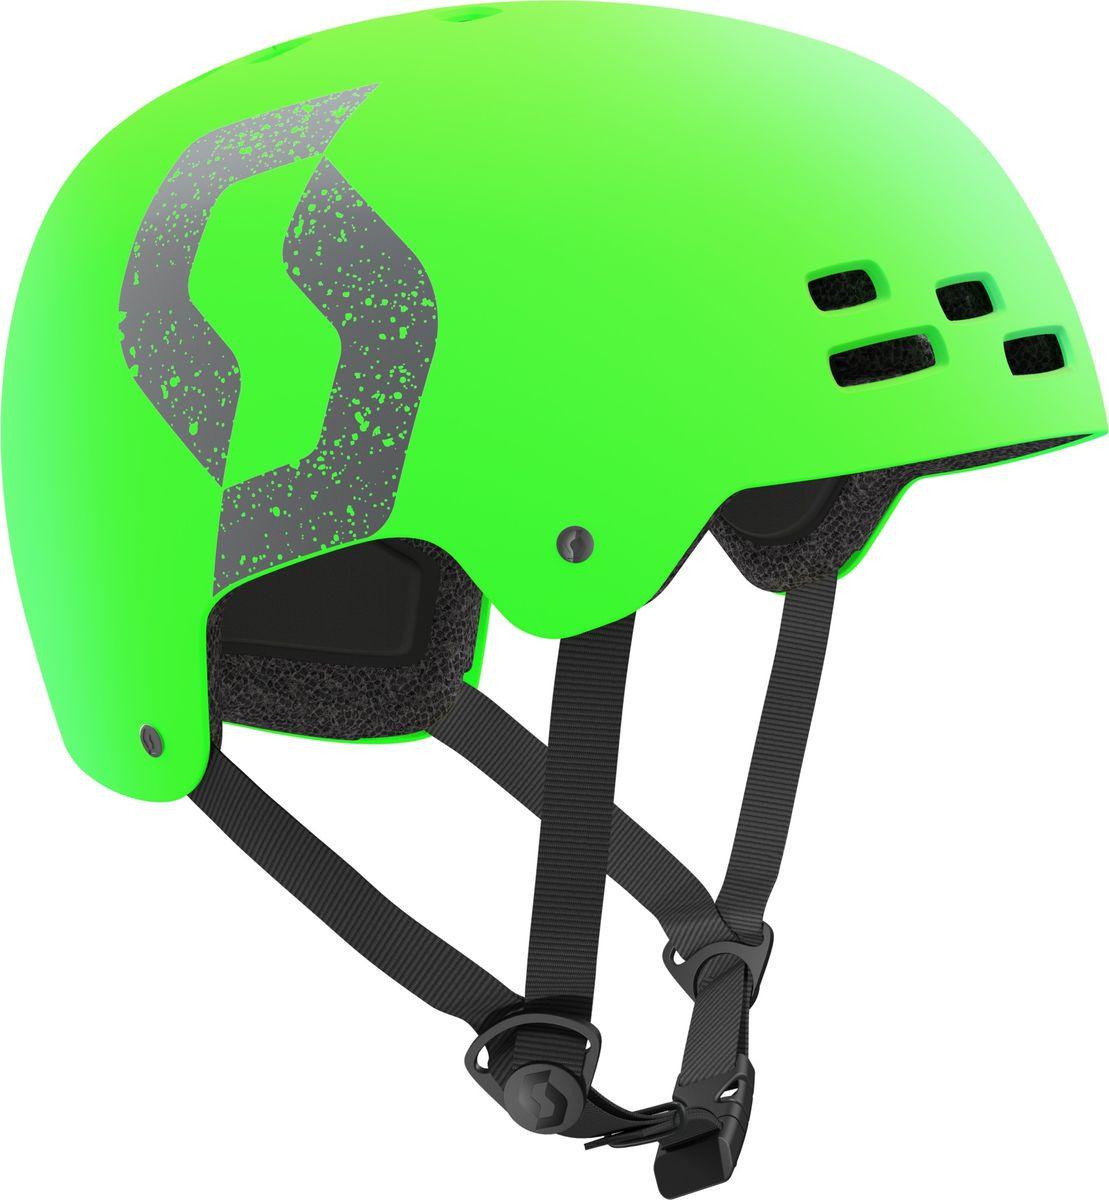 Шлем защитный Scott Jibe, 241260-0375, зеленый, размер L (59/6) цены